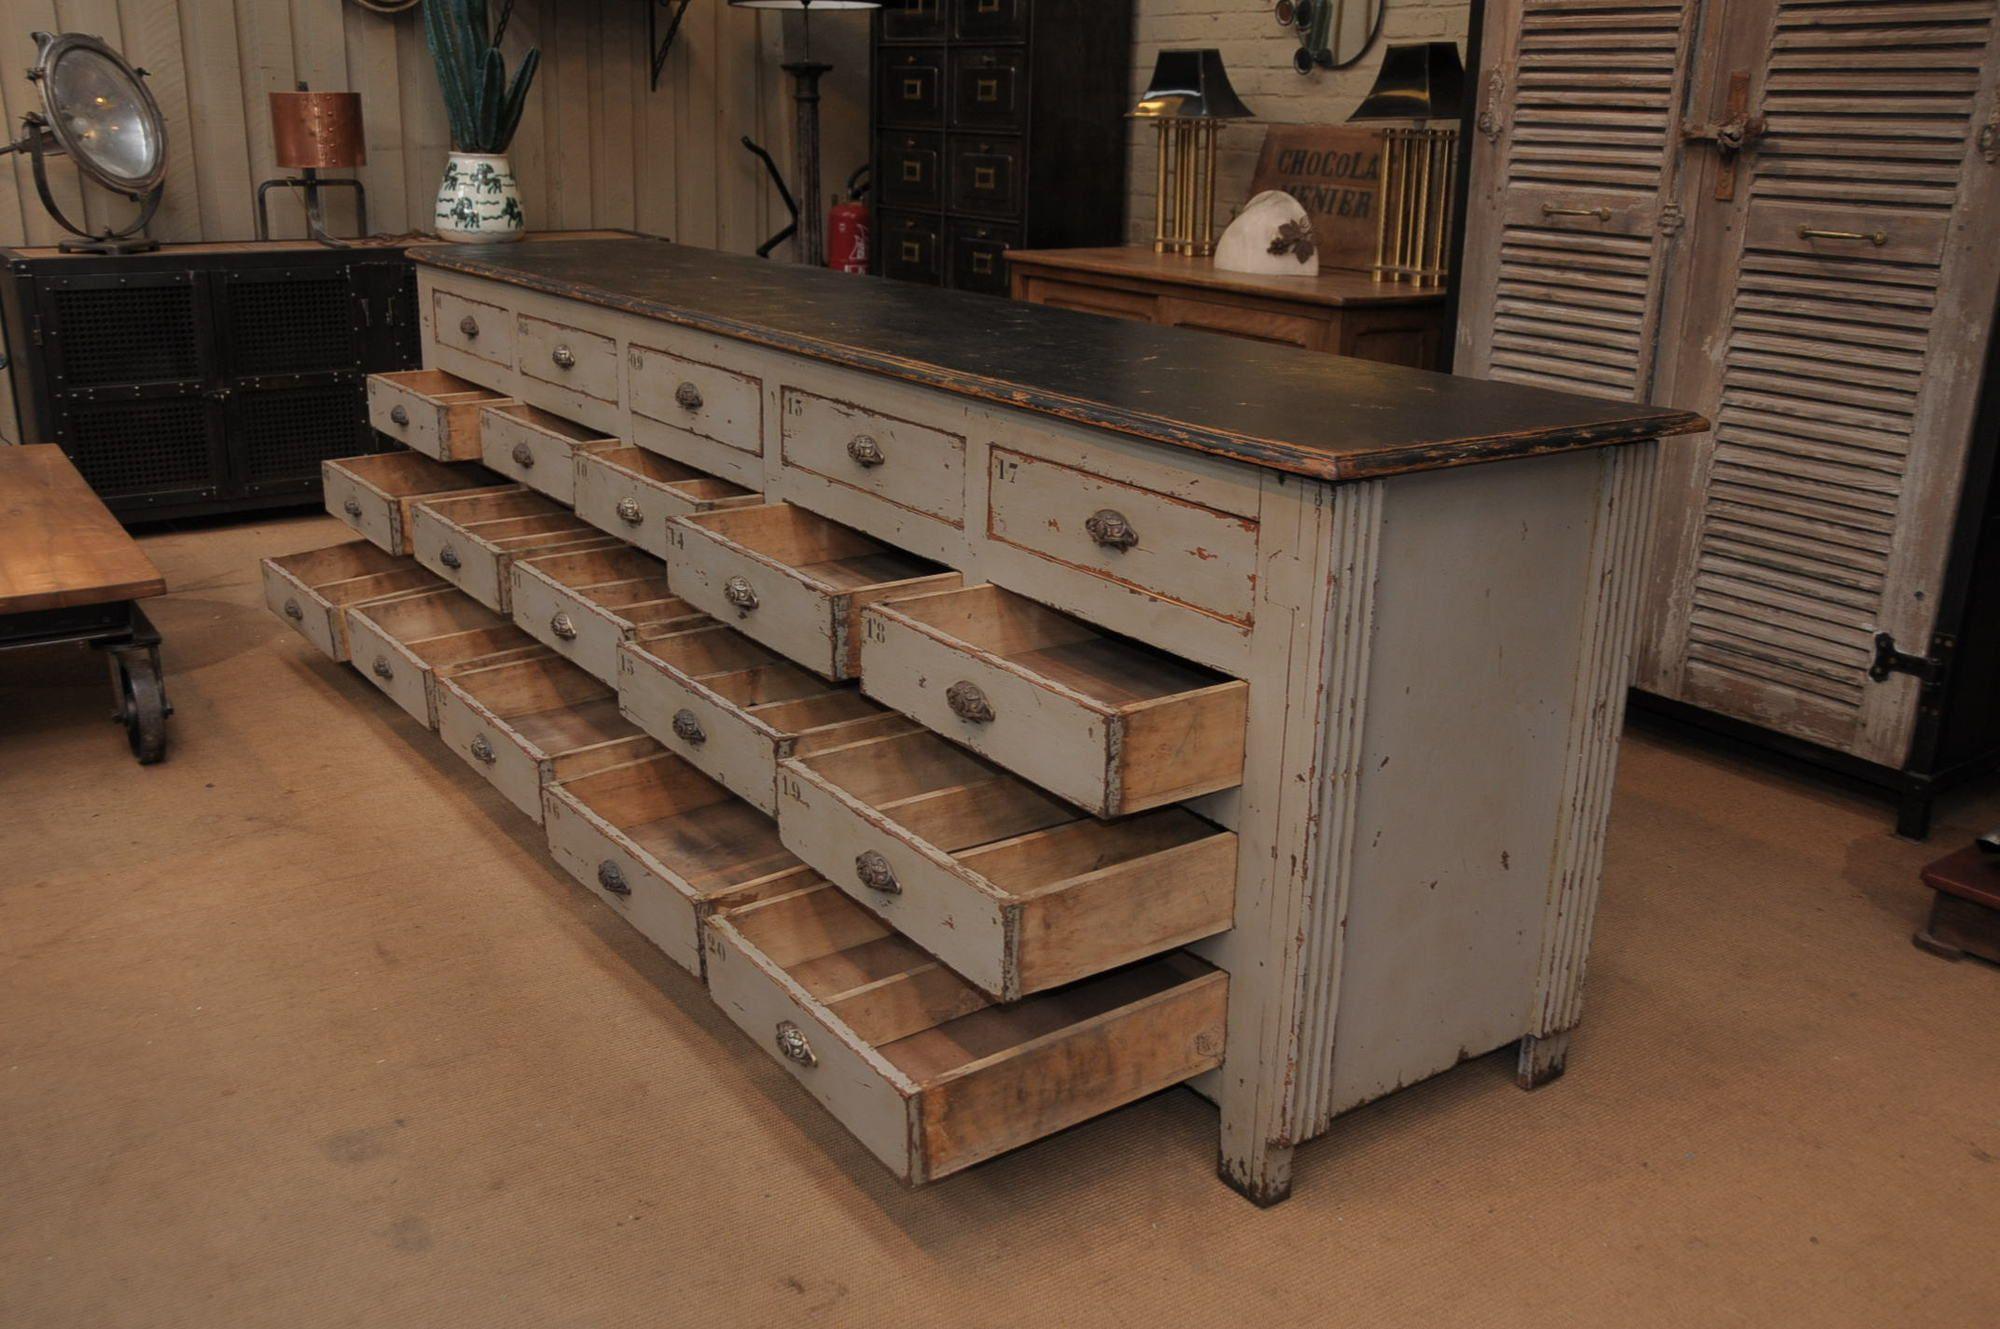 le grenier roubaix france stock meuble de m tier a tiroirs 1930 patine grise decor. Black Bedroom Furniture Sets. Home Design Ideas